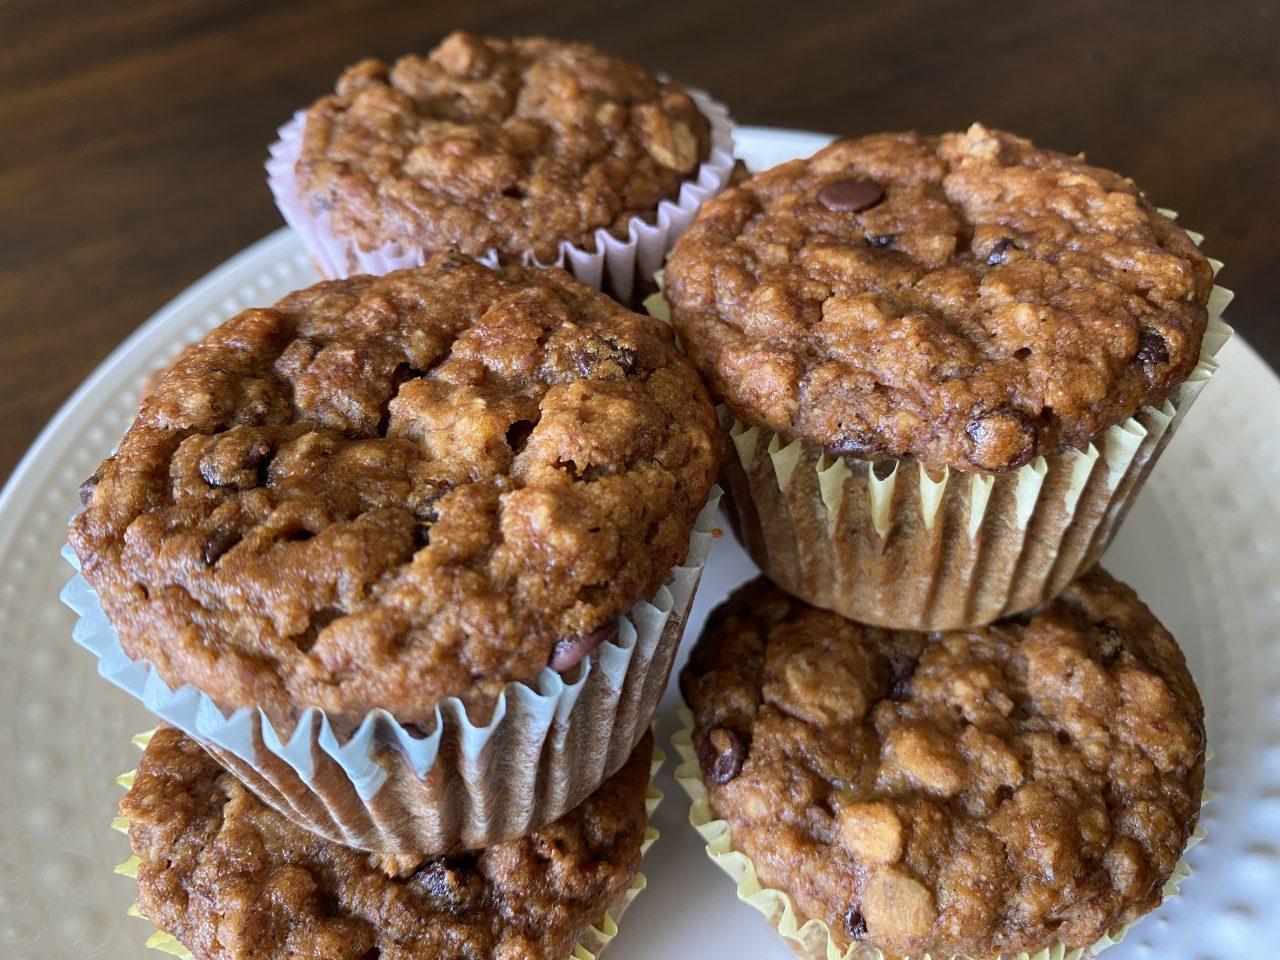 Vegan Banana Oat Chocolate Chip Muffins